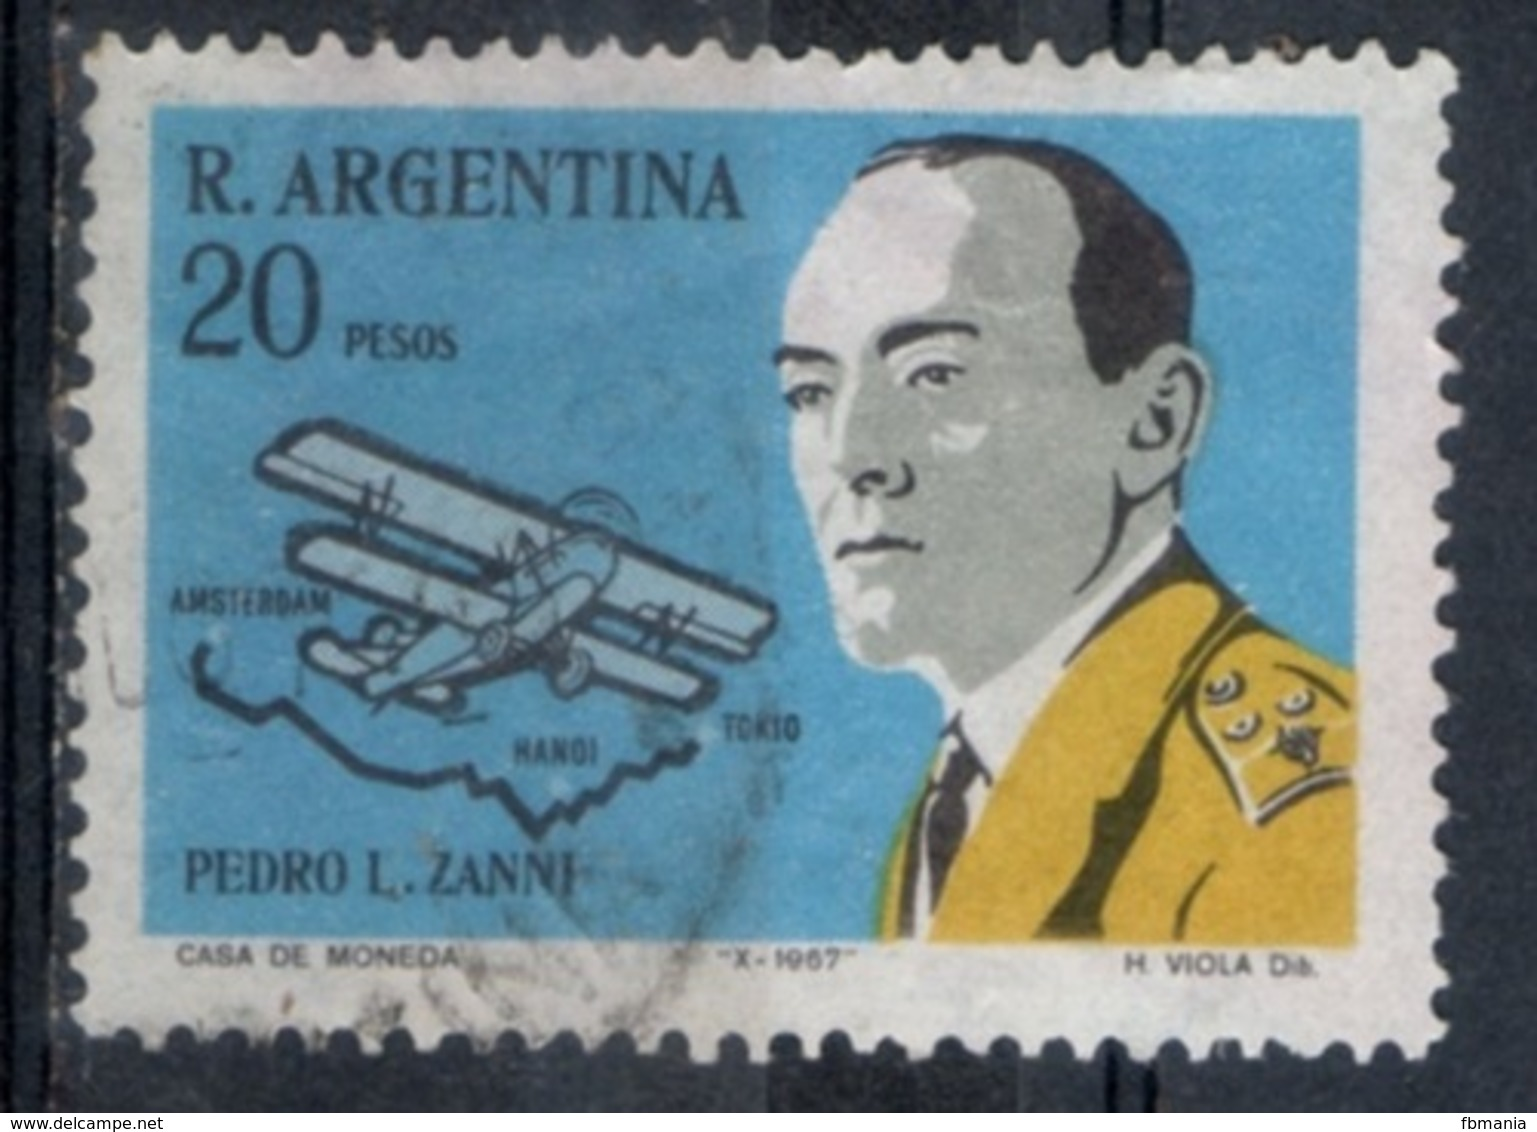 Argentina 1967 - Pedro Zanni Fokker E Rotta Di Volo 1924 Flight Route - Argentina